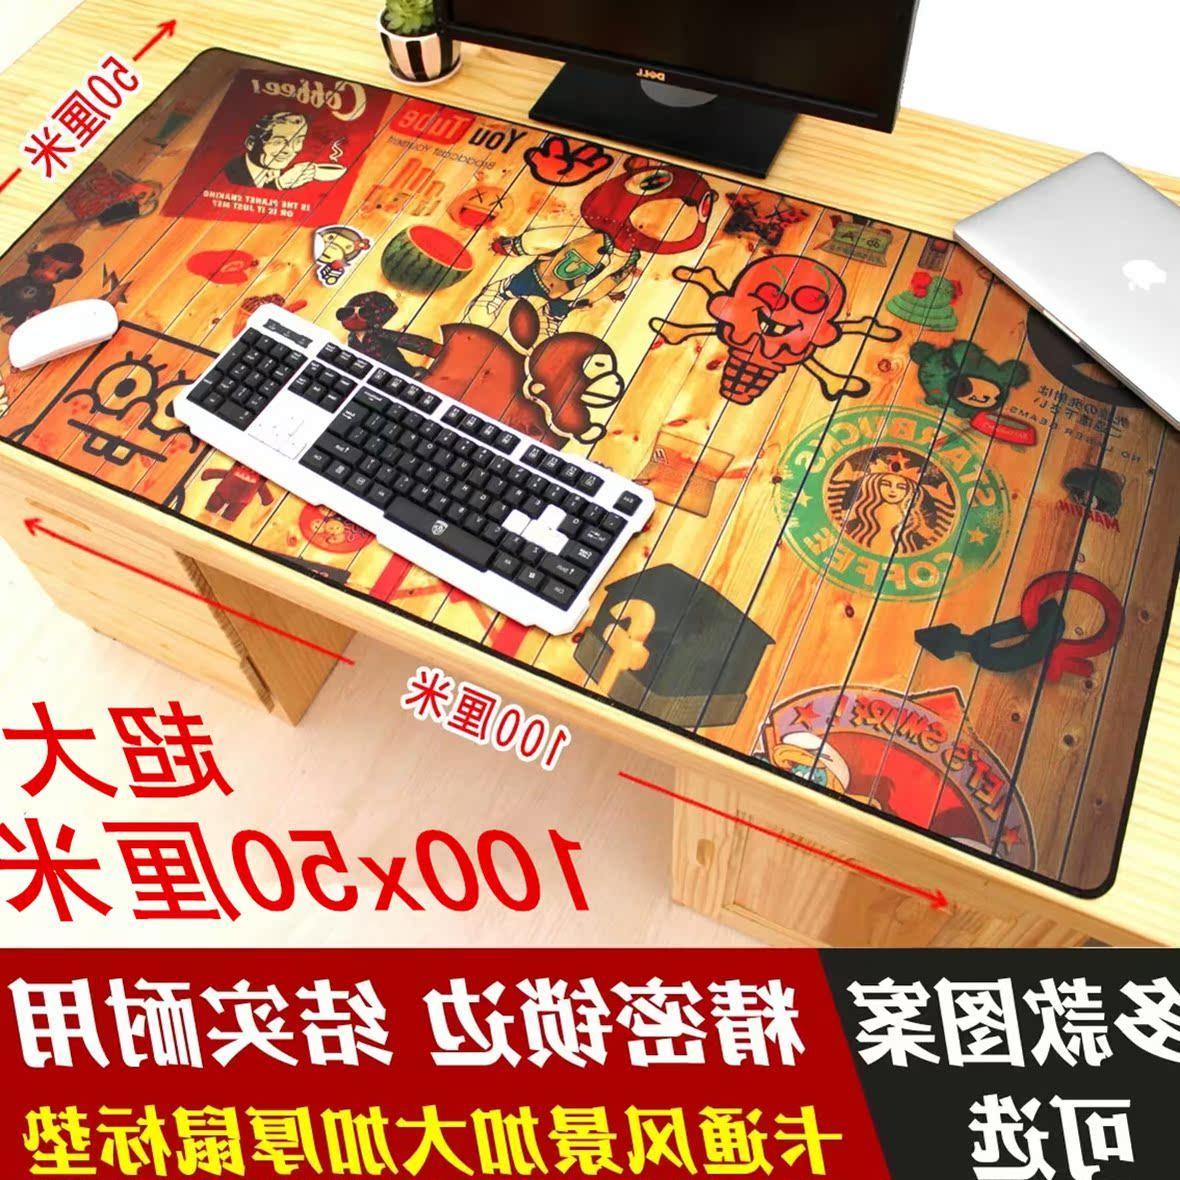 超大号办公桌垫键盘垫游戏可爱卡通动漫周边鼠标垫超大50100